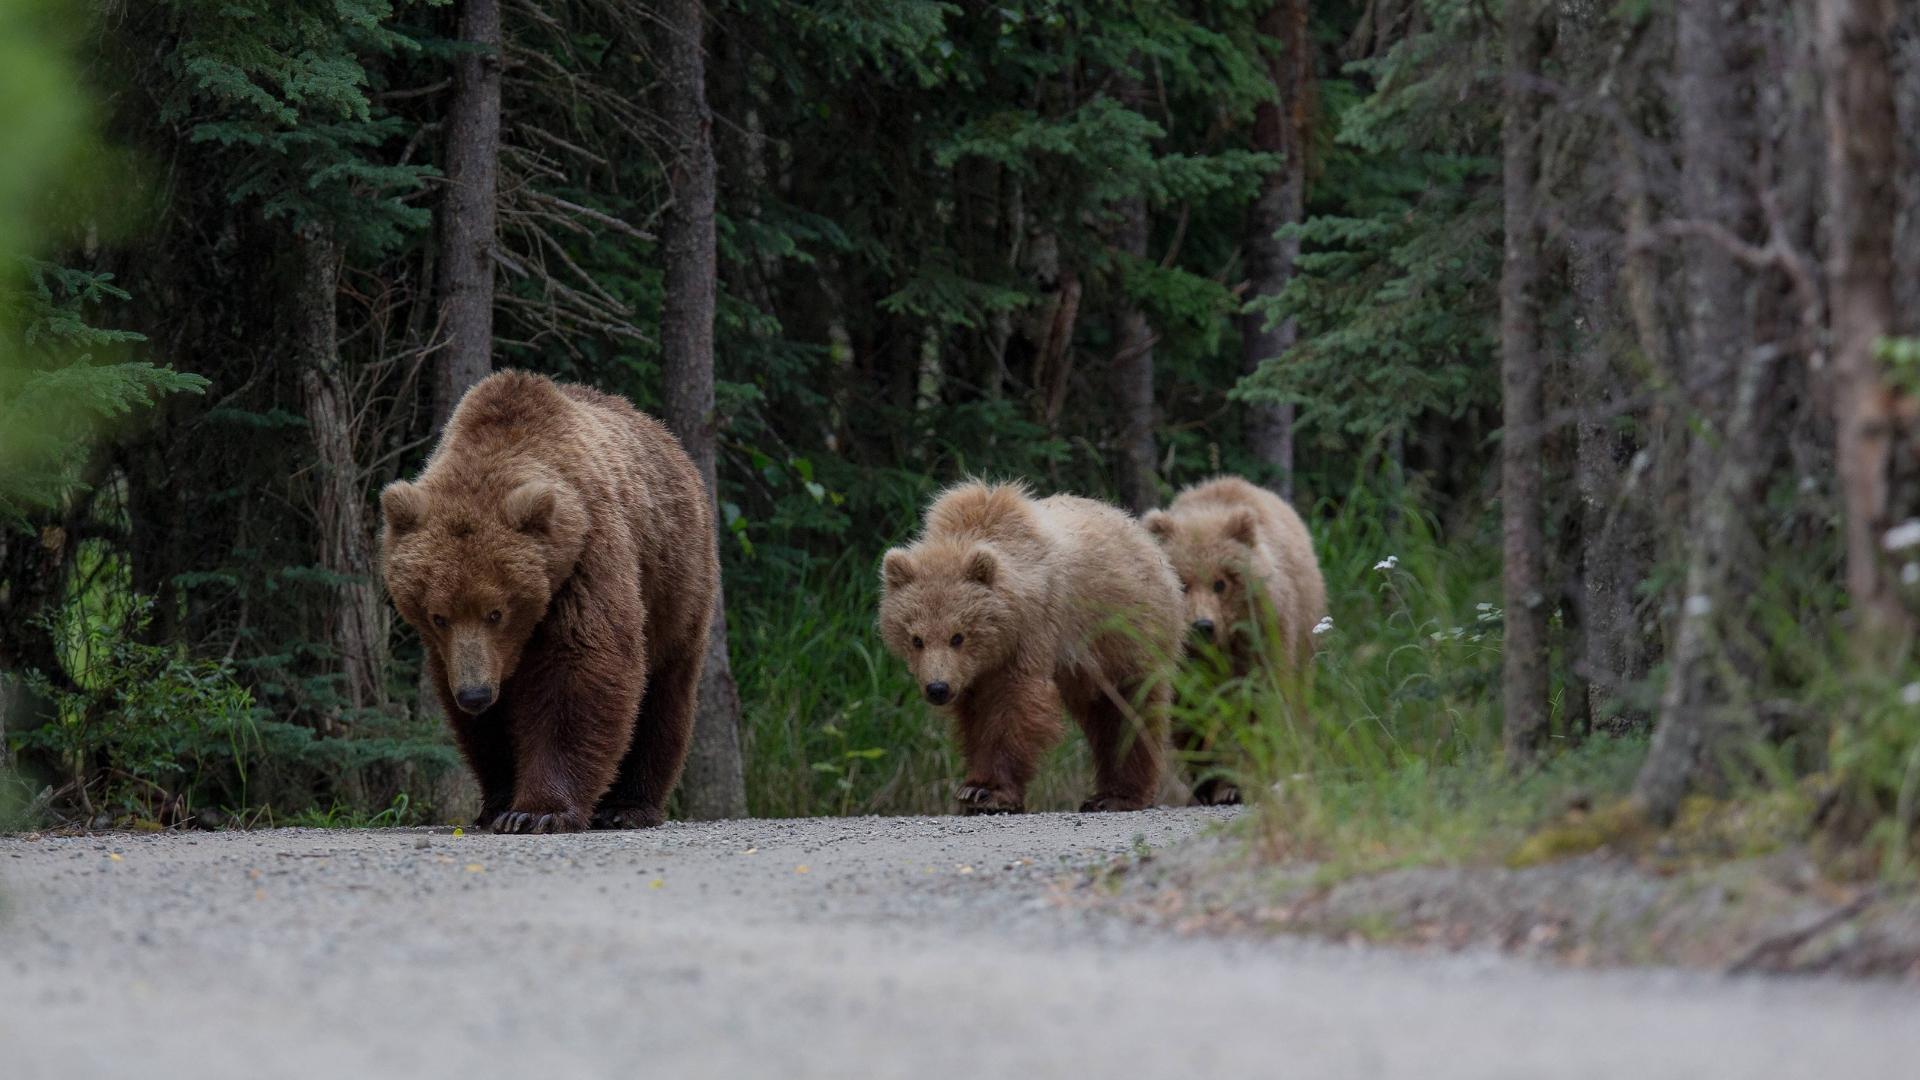 Деятельность человека ограничила передвижение млекопитающих в глобальном масштабе